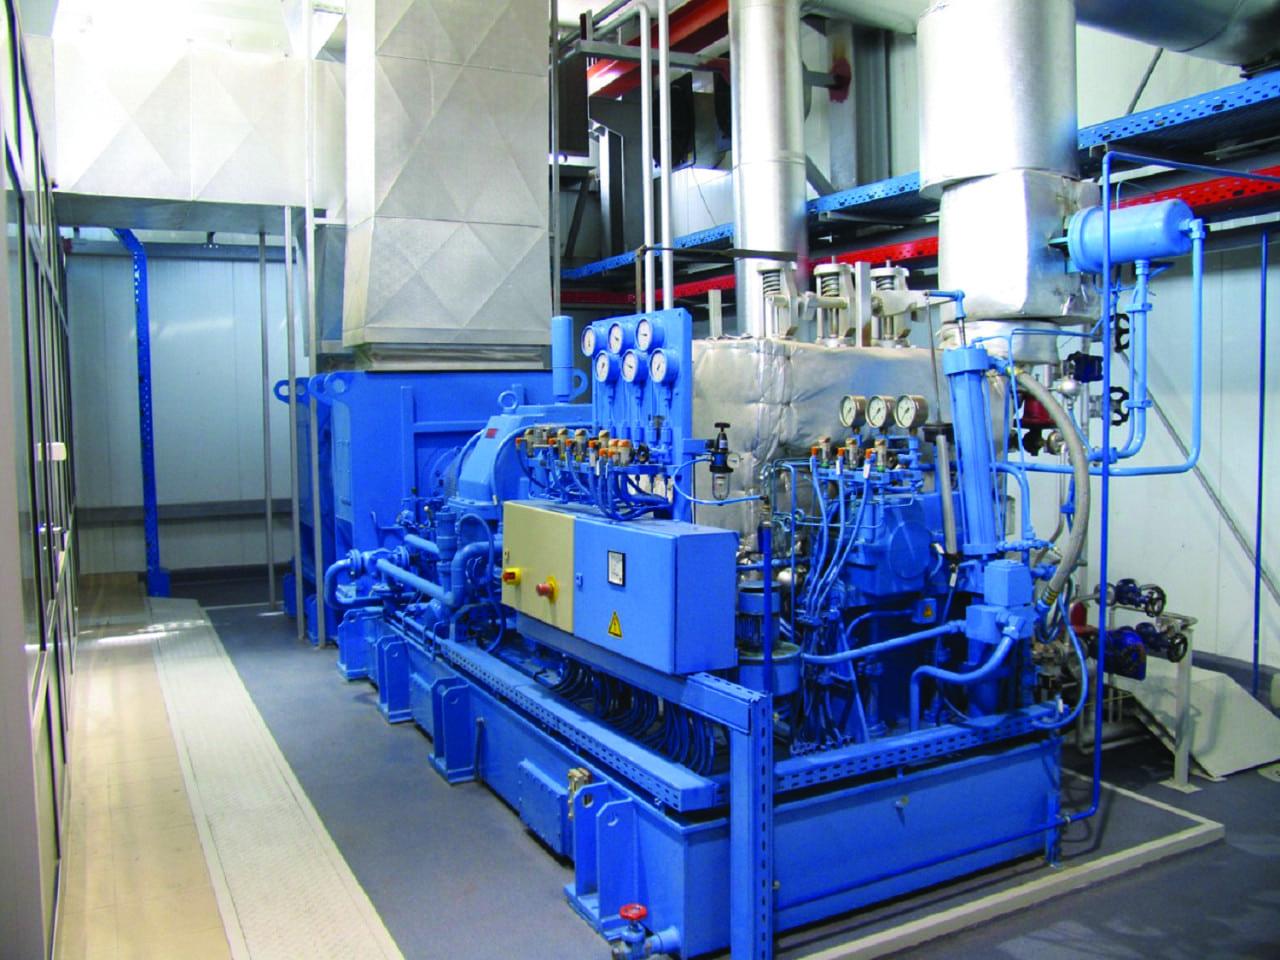 Courtesy: ICS Energietechnik